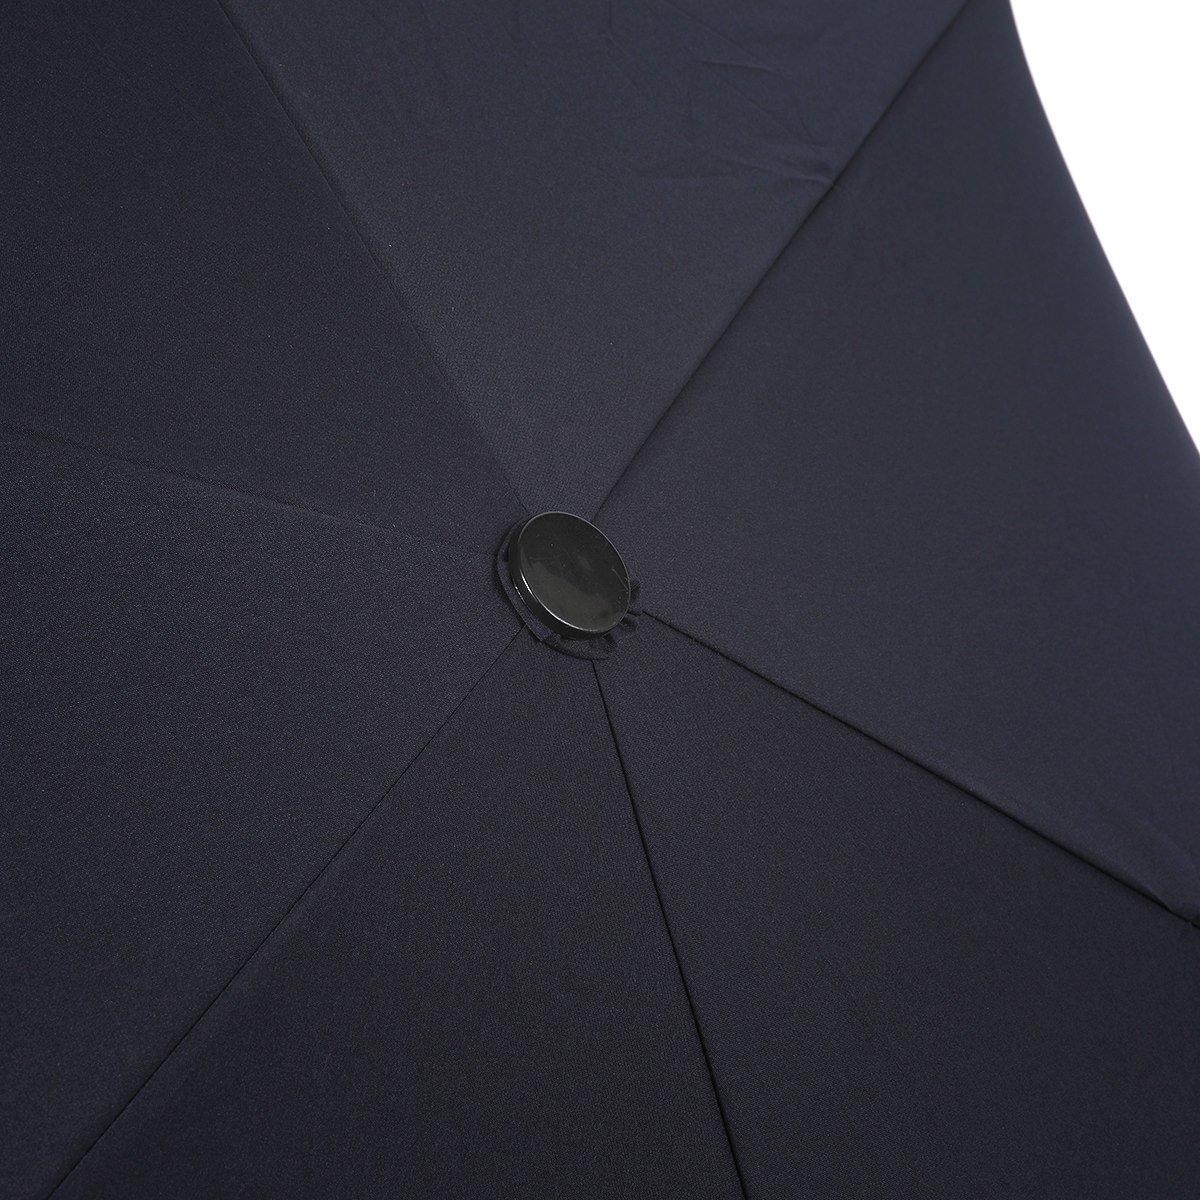 自動開閉 耐風骨 ミノテック オールシーズン 折りたたみ傘 詳細画像5